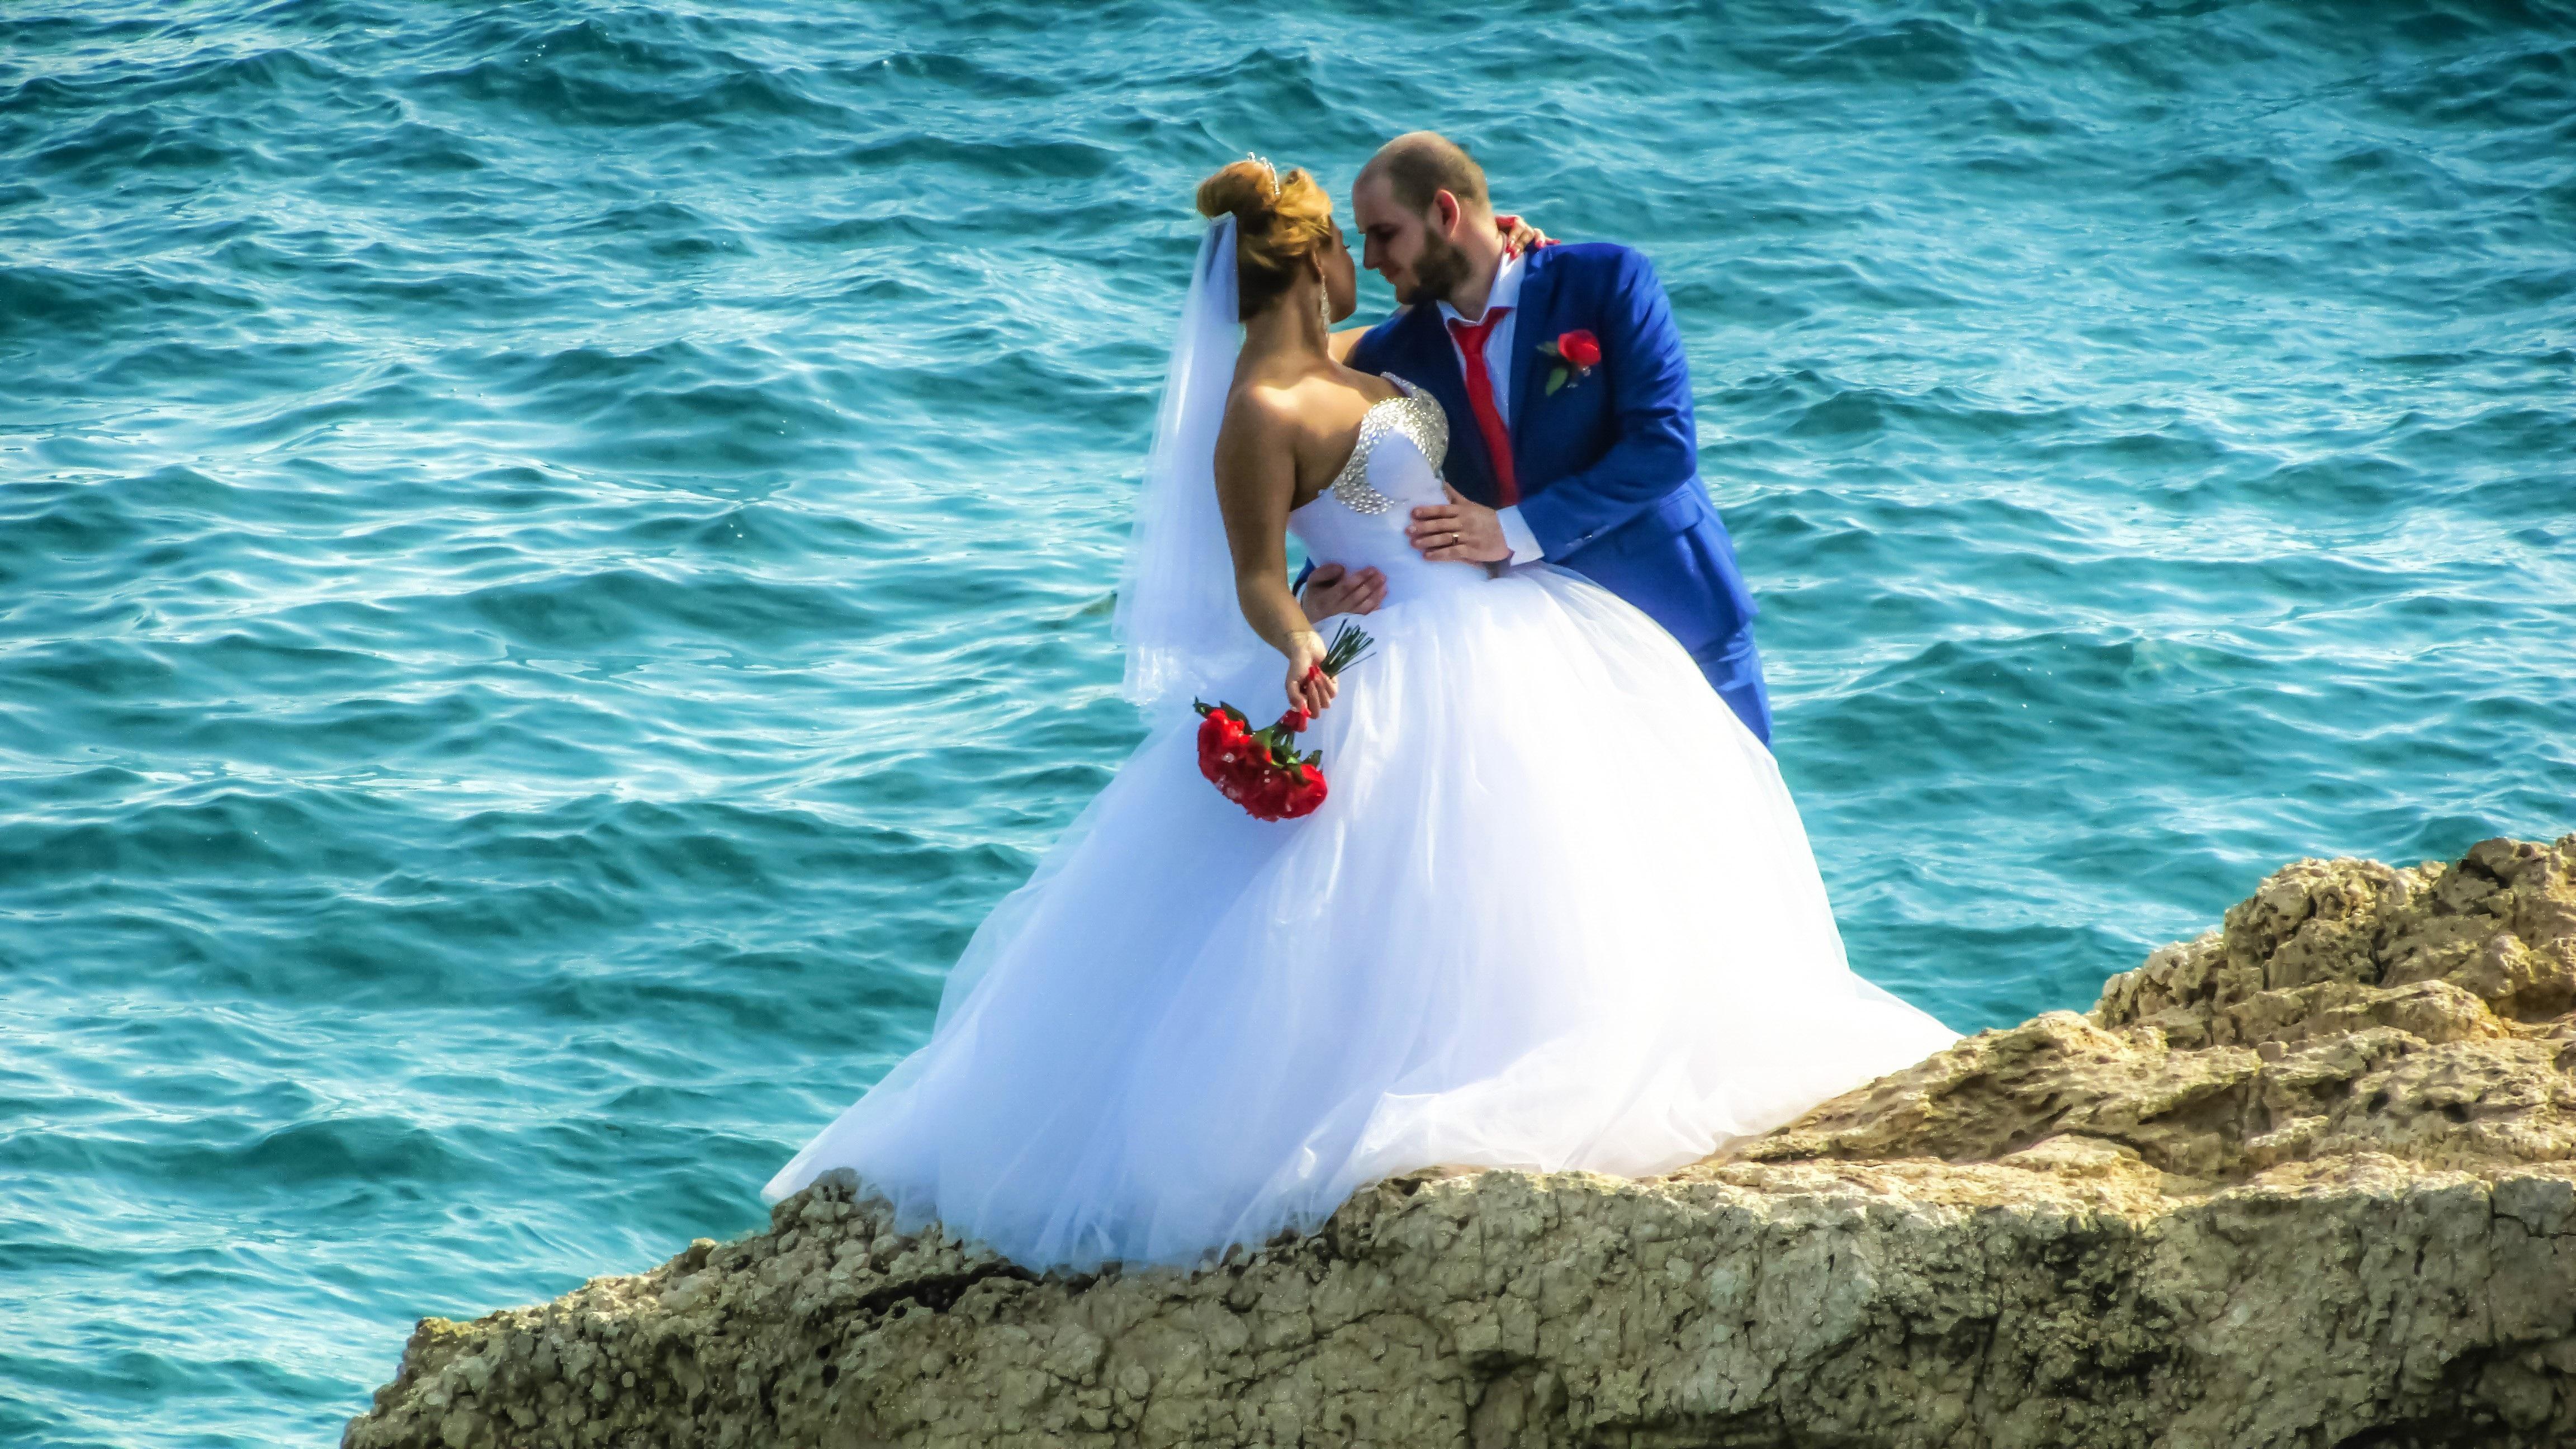 Fotos gratis : mar, naturaleza, al aire libre, mujer, blanco ...